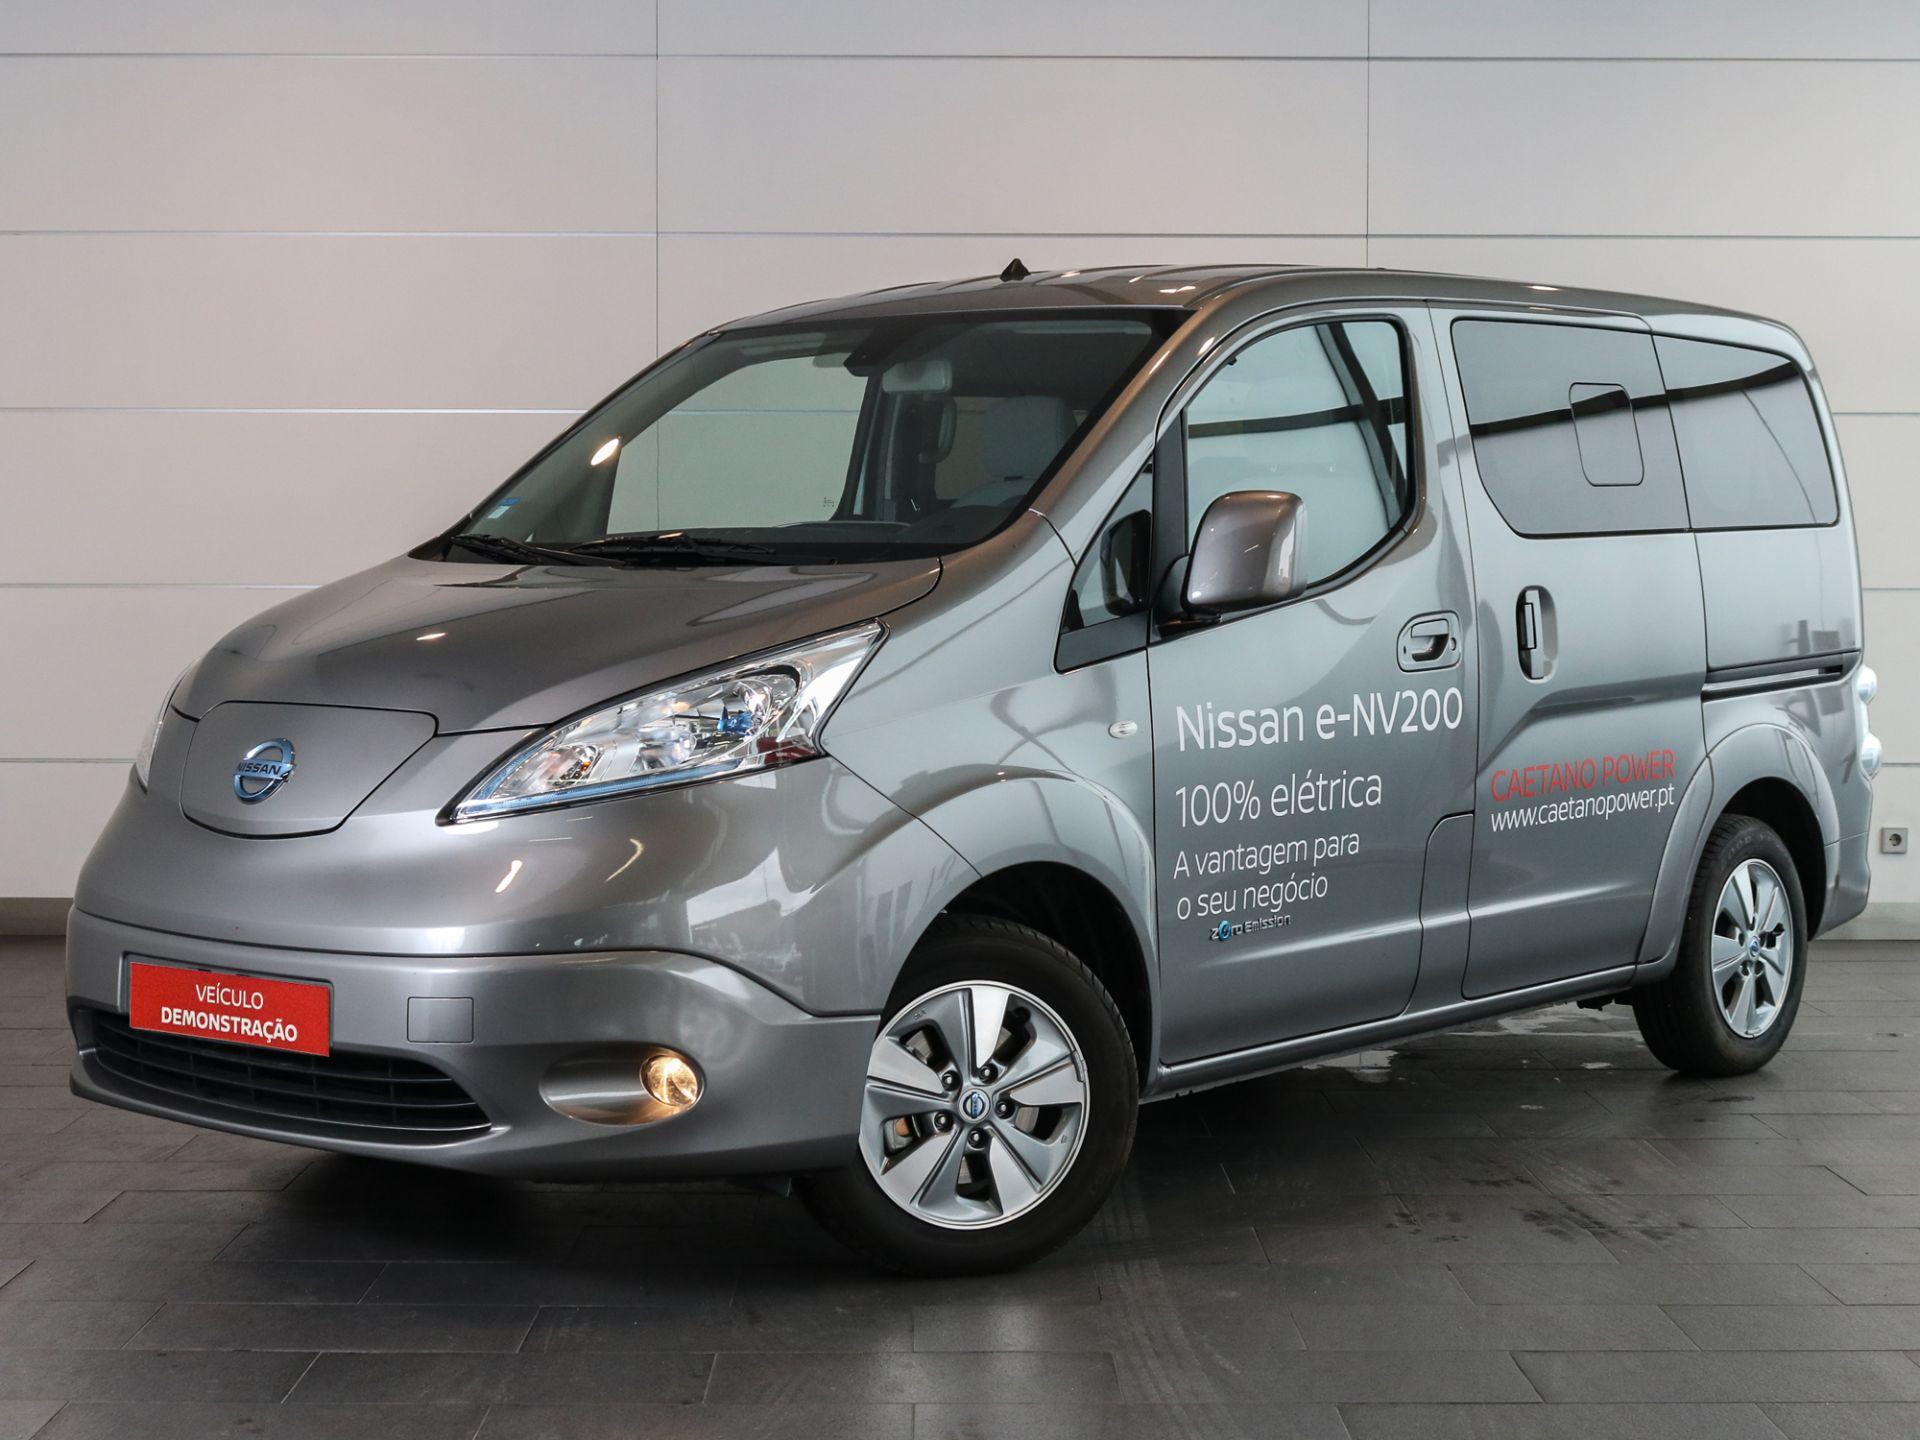 Nissan EVALIA Evalia 7 40 kWh Navegador segunda mão Setúbal